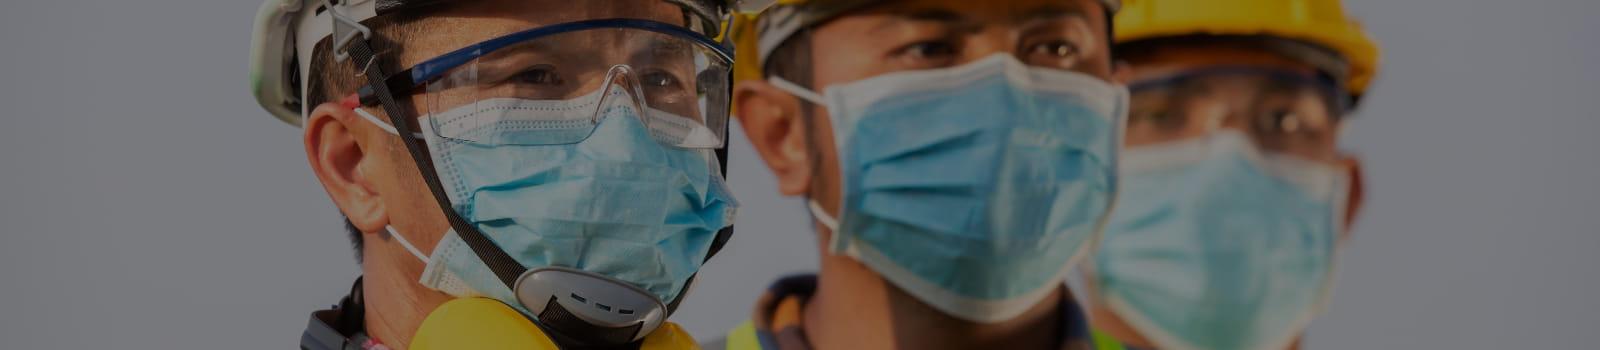 Como proteger colaboradores da pandemia do novo Coronavírus: médico oferecendo máscara e álcool em gel.